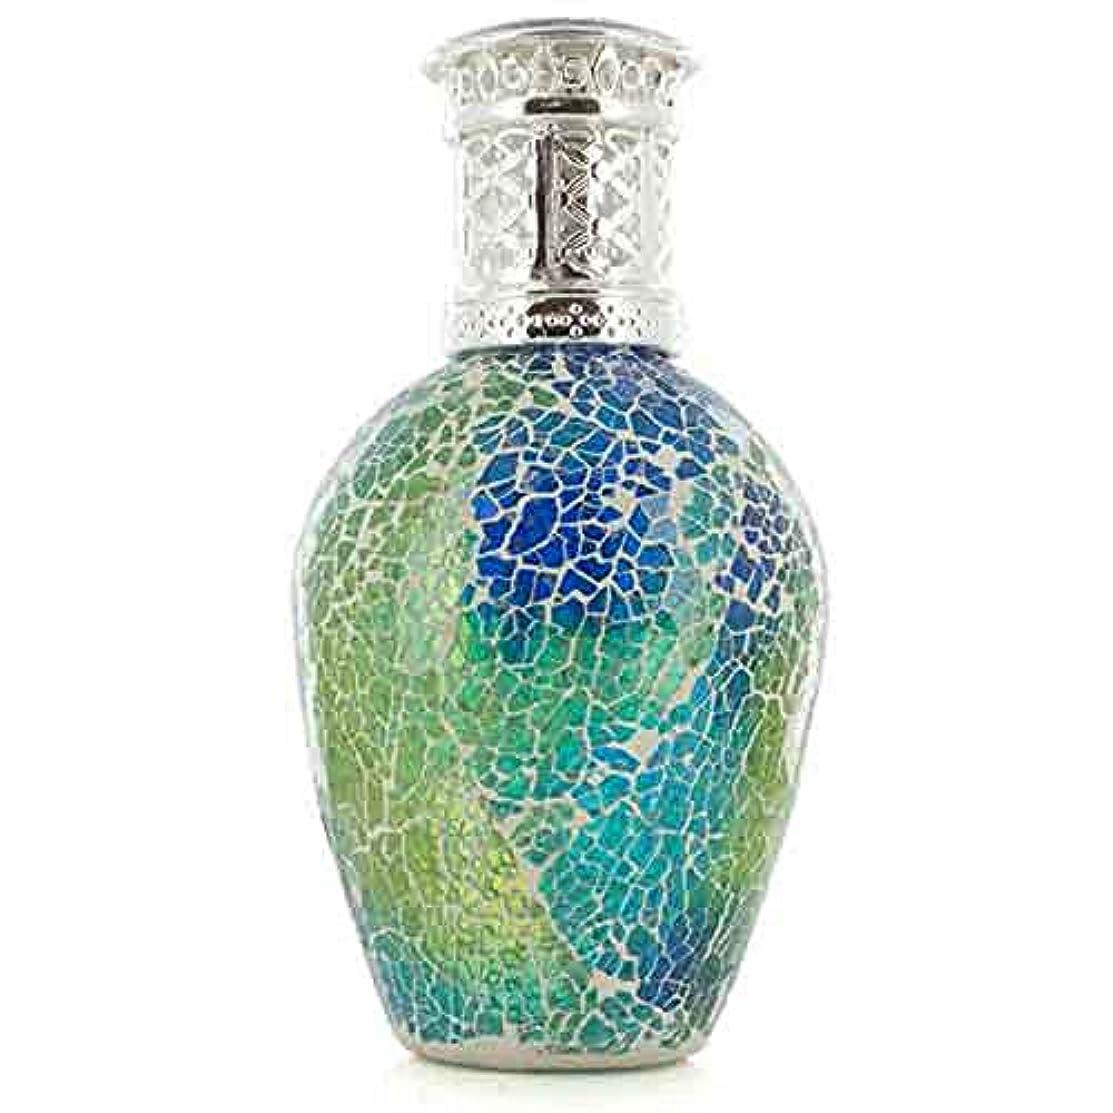 旅客高める古くなったAshleigh&Burwood フレグランスランプ L モザイクメドゥー FragranceLamps sizeL MosaicMeadow アシュレイ&バーウッド